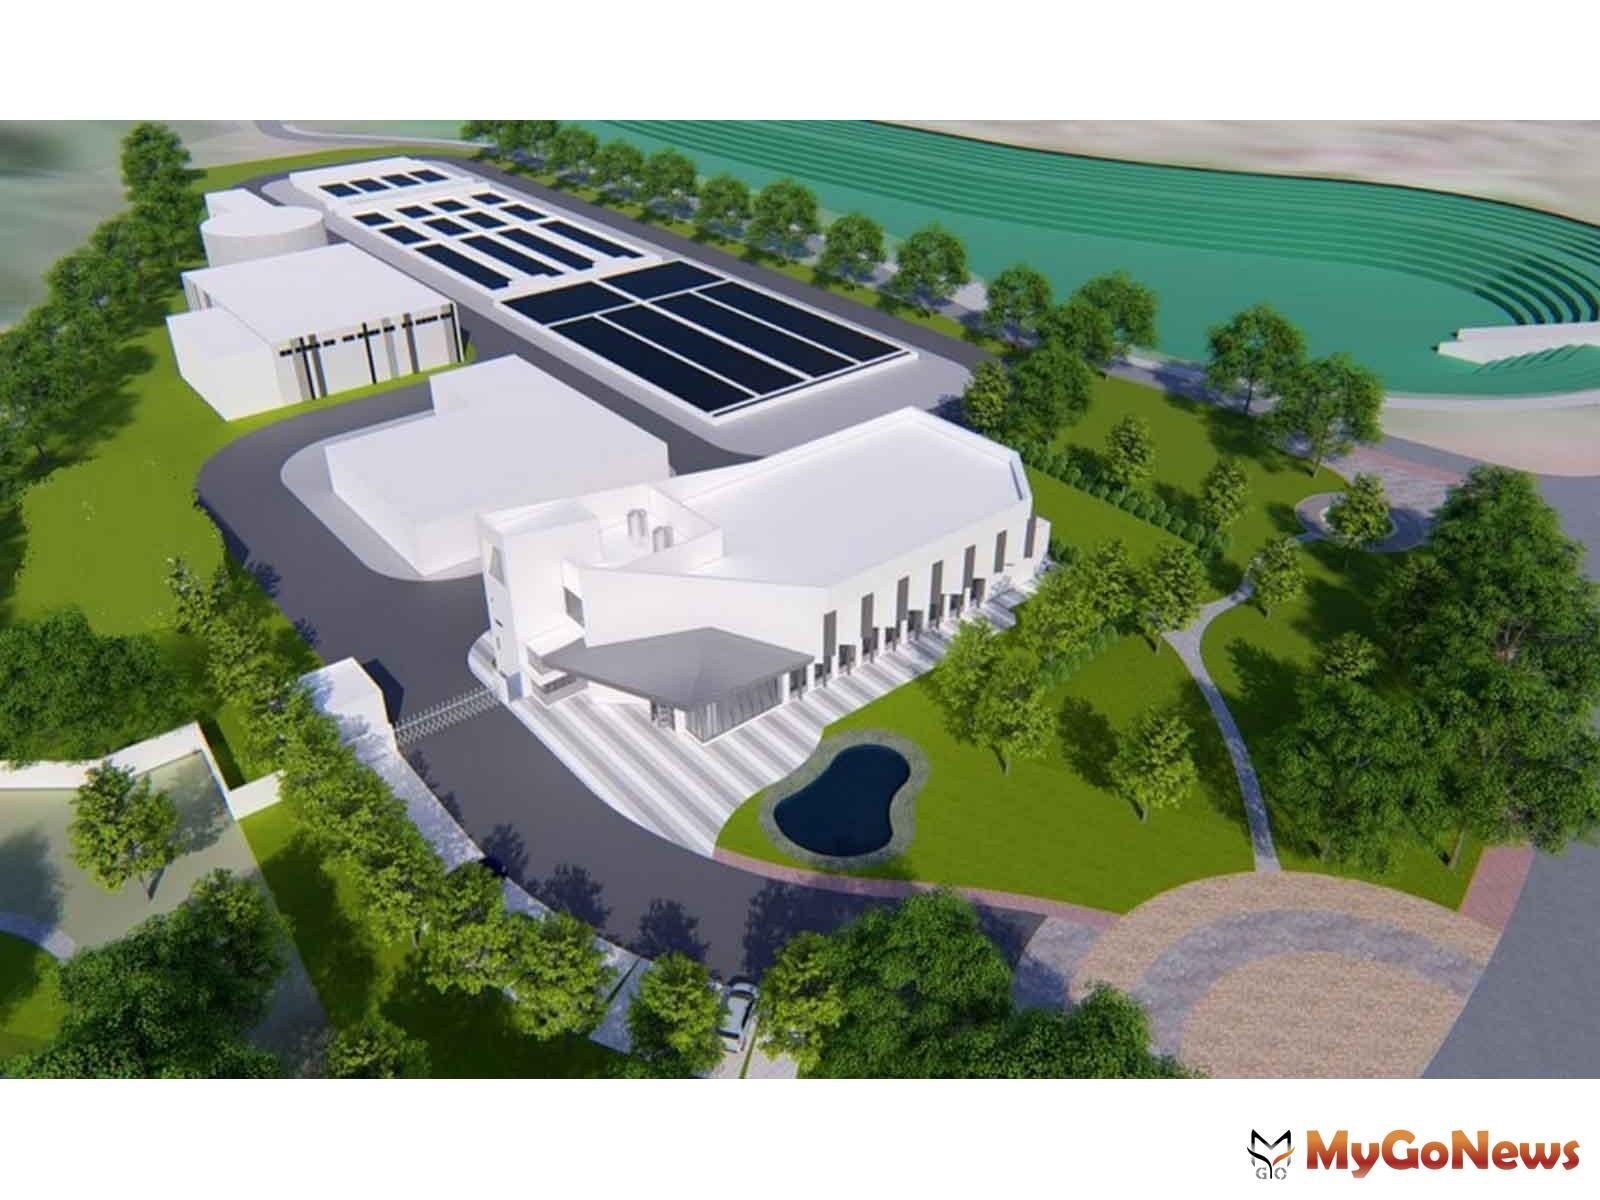 楊梅四維社福館預計2022年4月完工,以家的概念打造全齡化社福空間(圖/桃園市政府) MyGoNews房地產新聞 區域情報